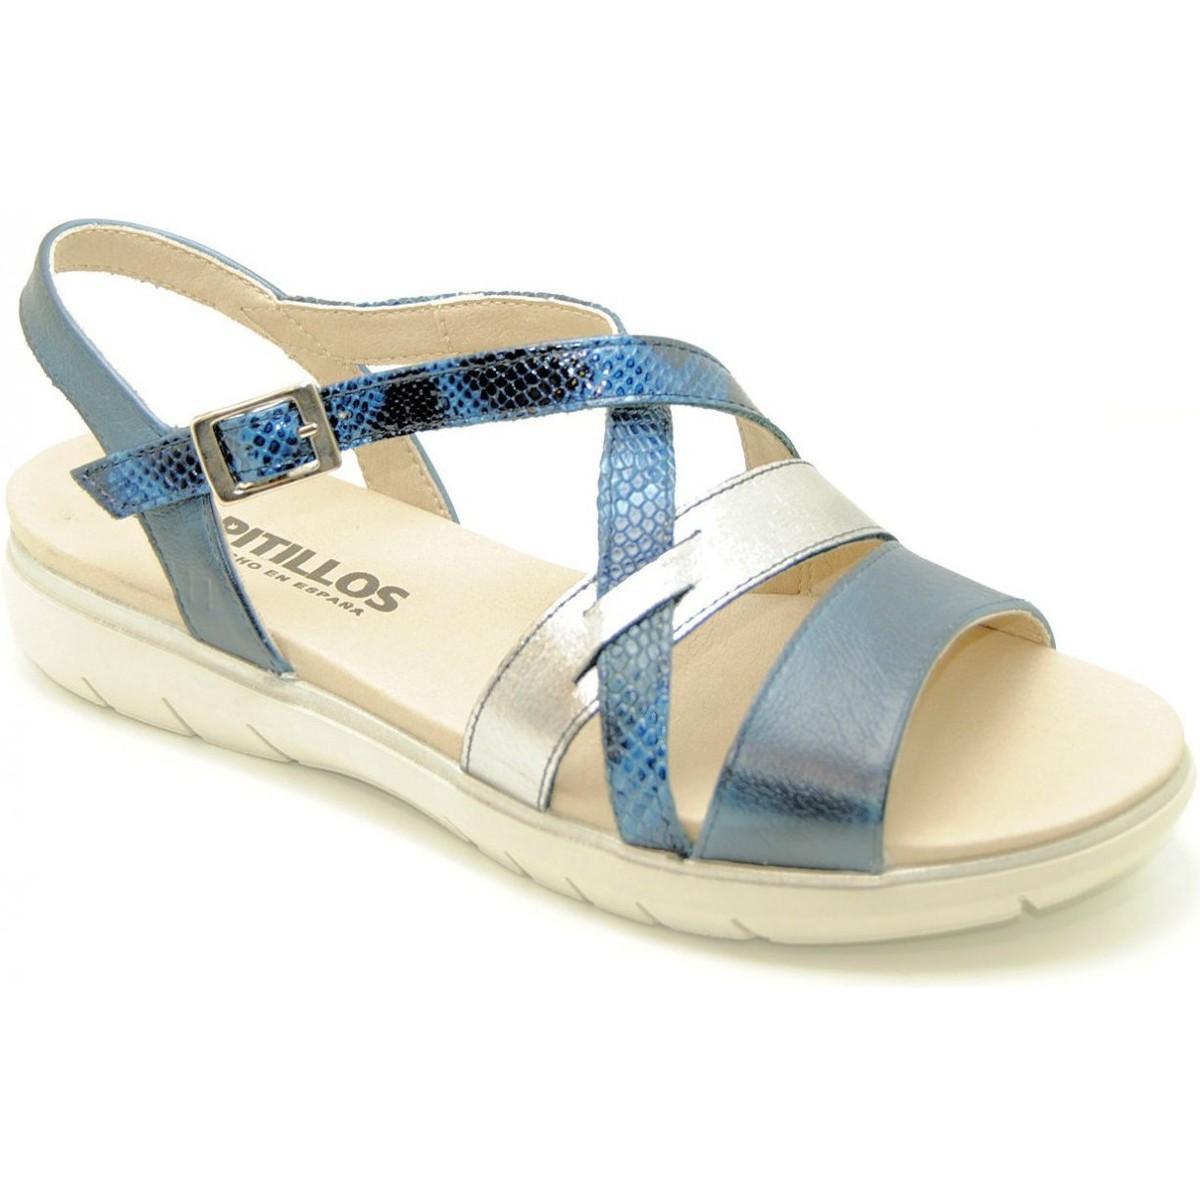 41589b2fb8e4 Pitillos 2334 Women s Sandals In Blue in Blue - Lyst